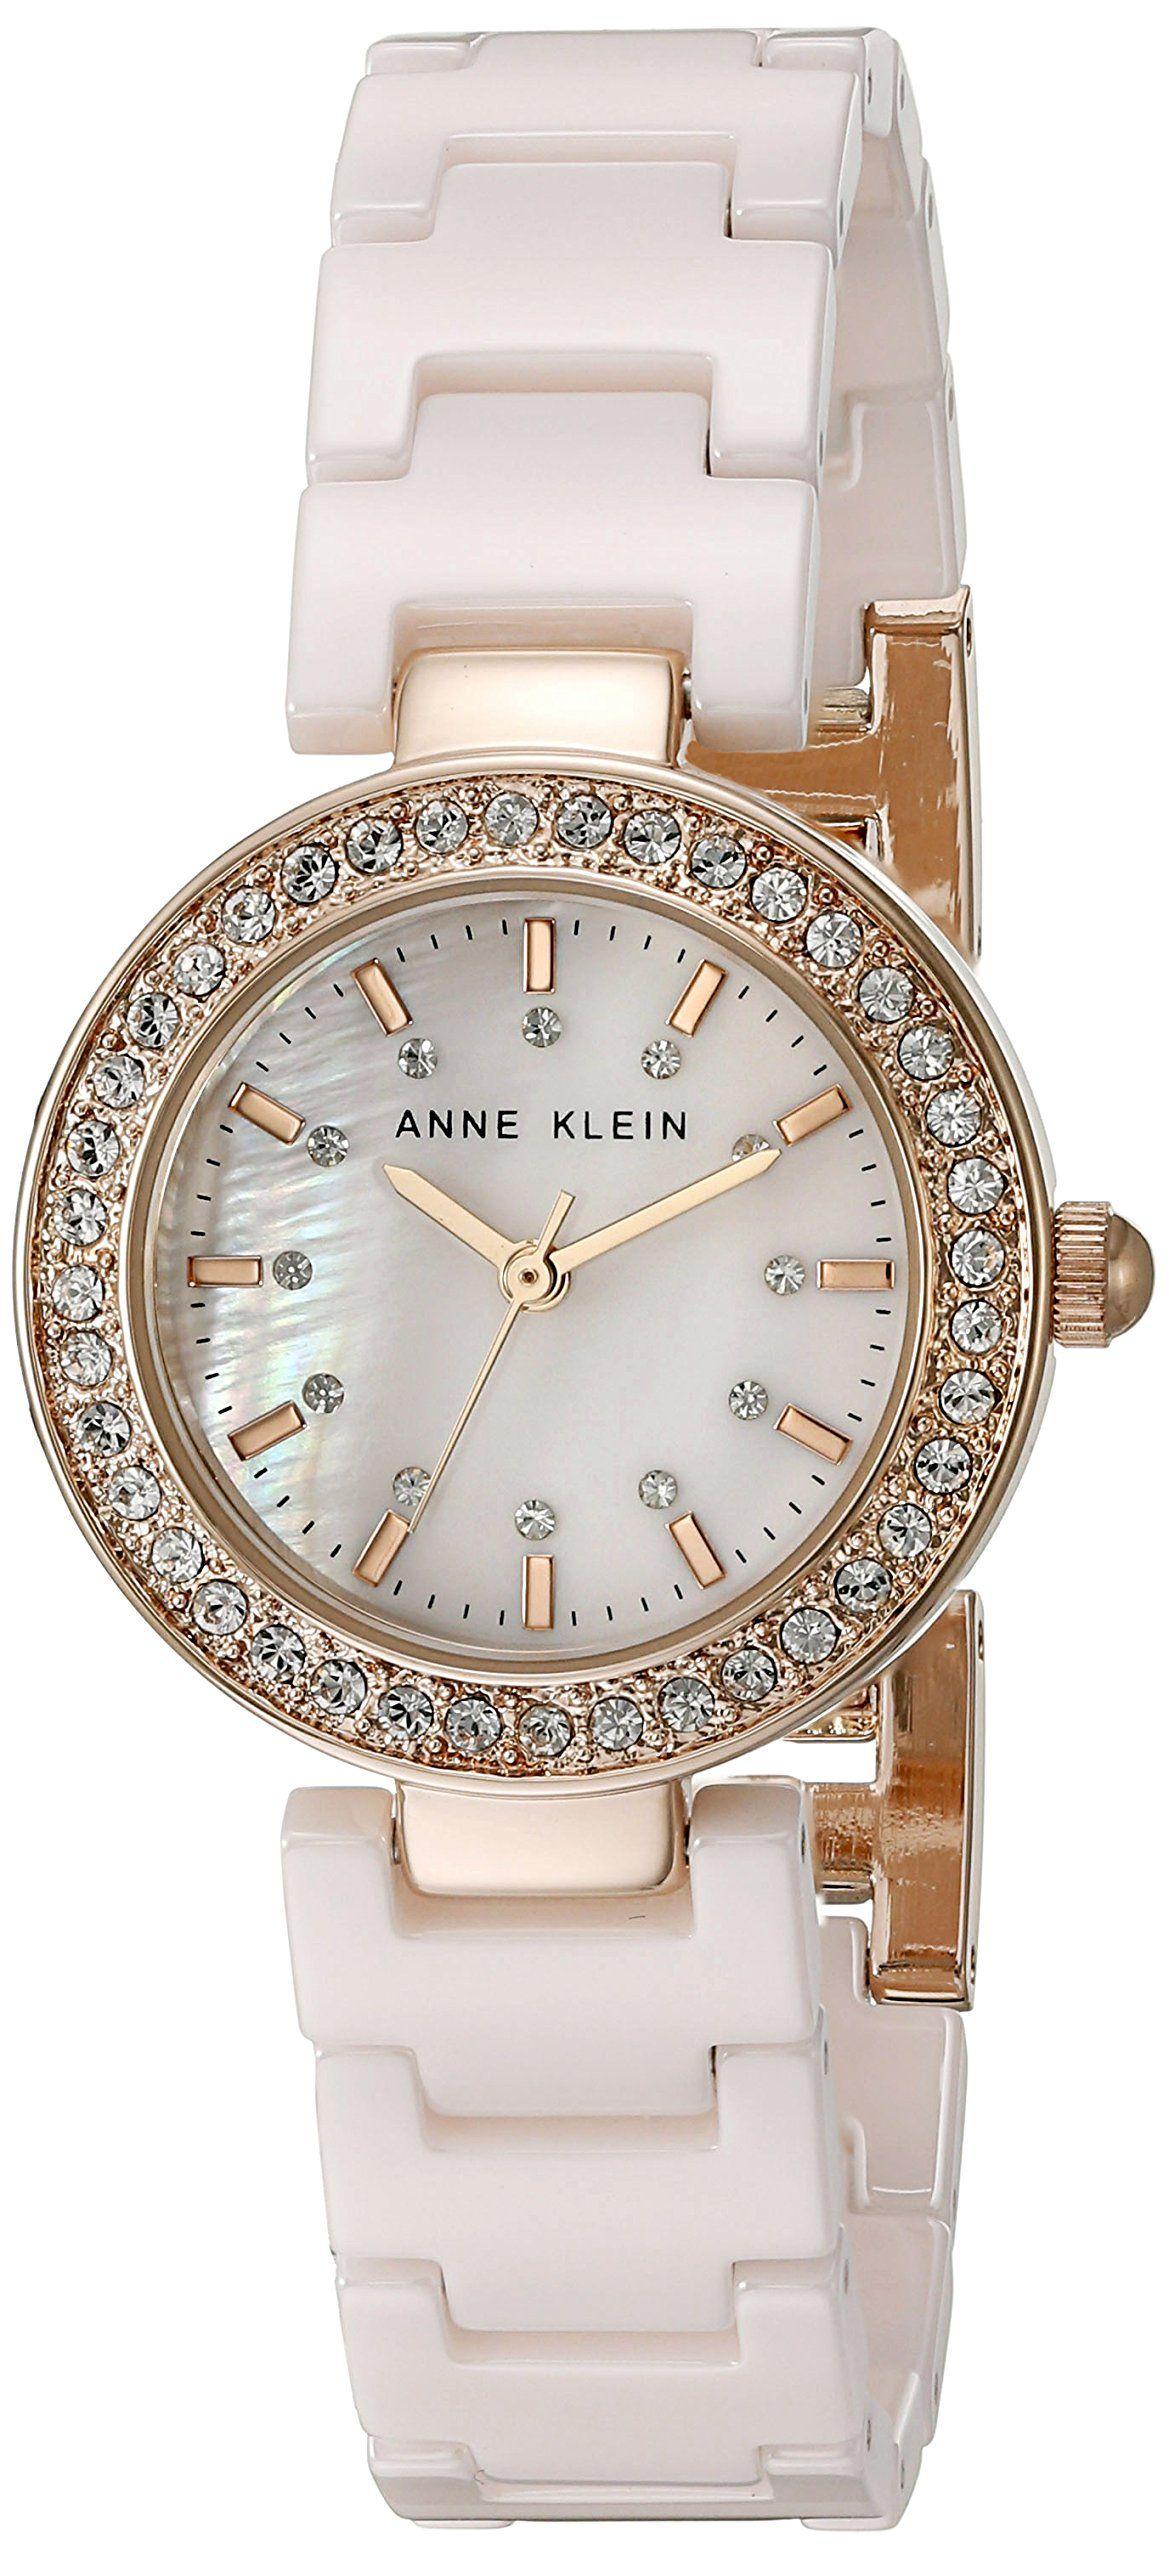 Anne klein womenus akrglp swarovski crystal accented light pink